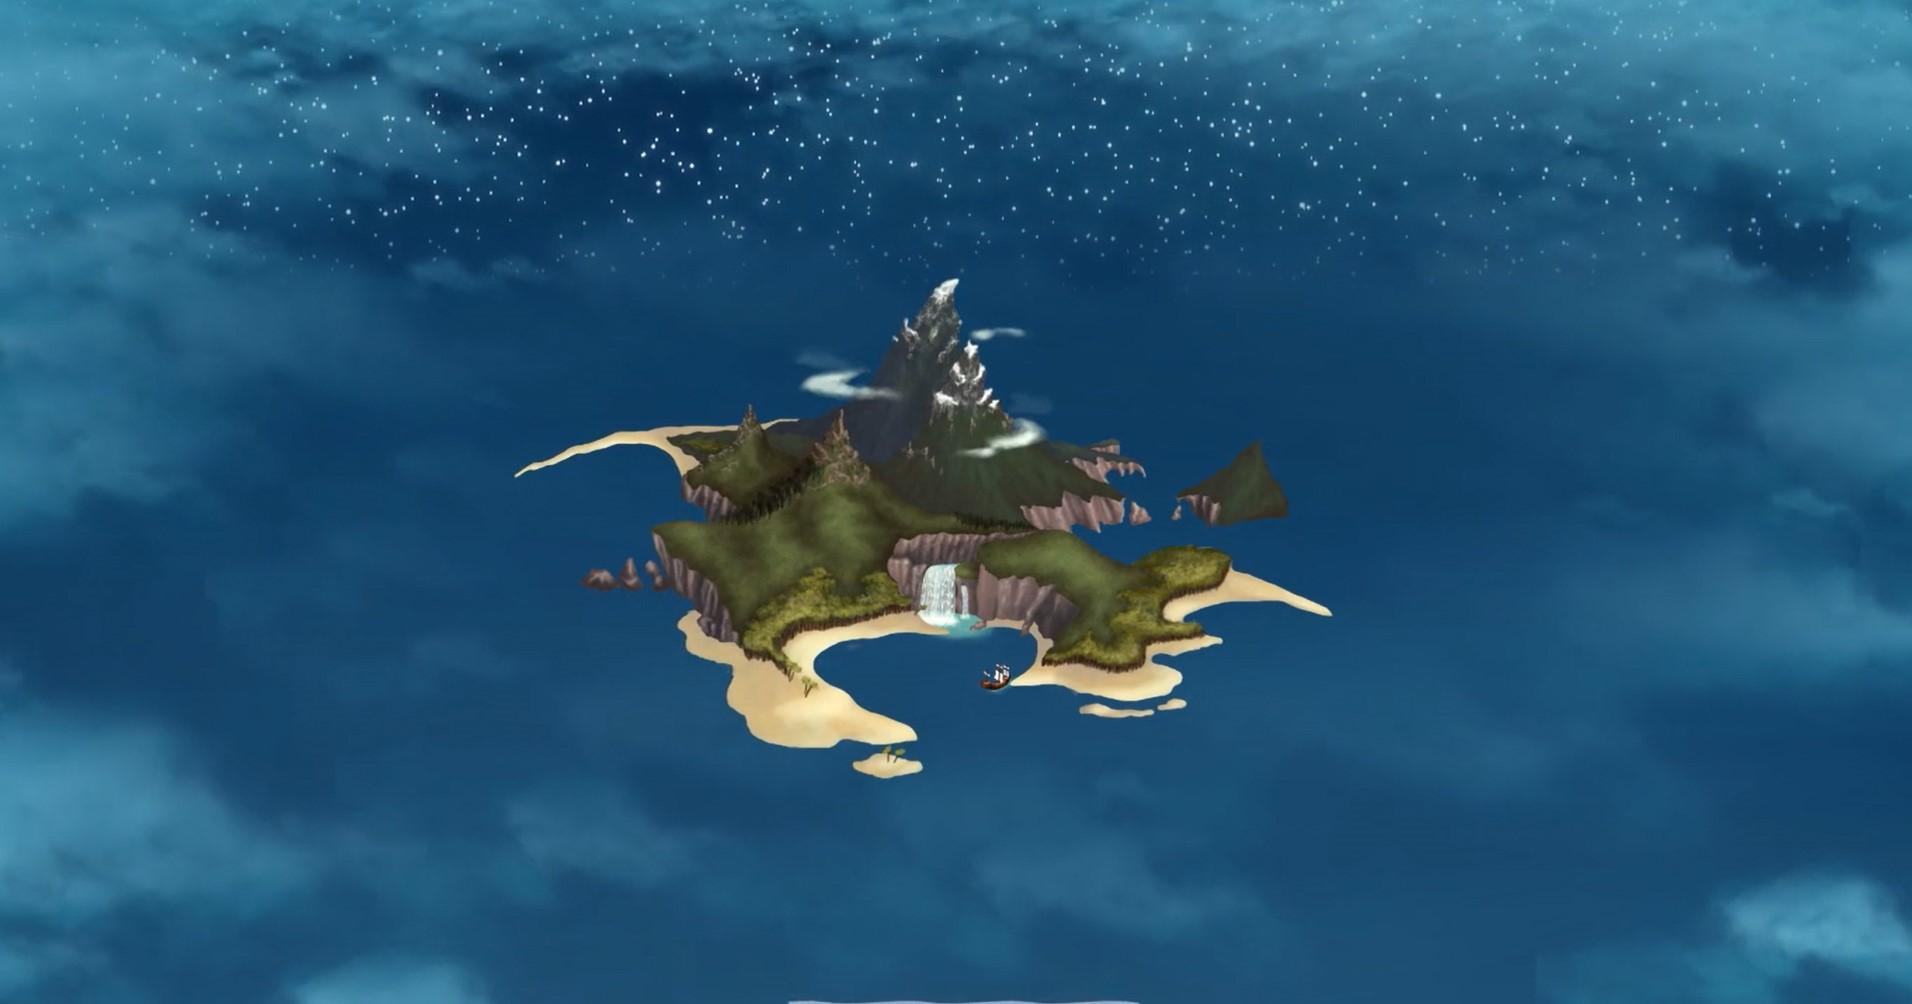 Neverland (Peter Pan)